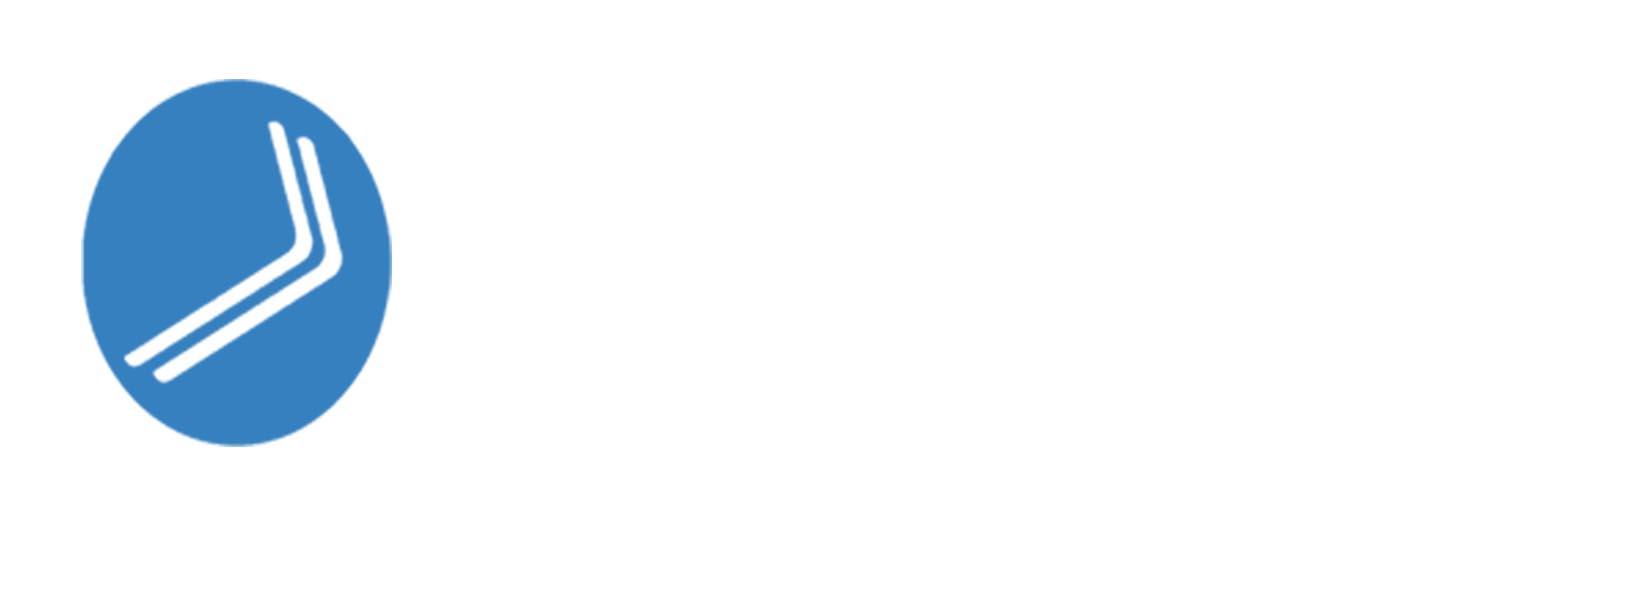 logo-bicard-blanc